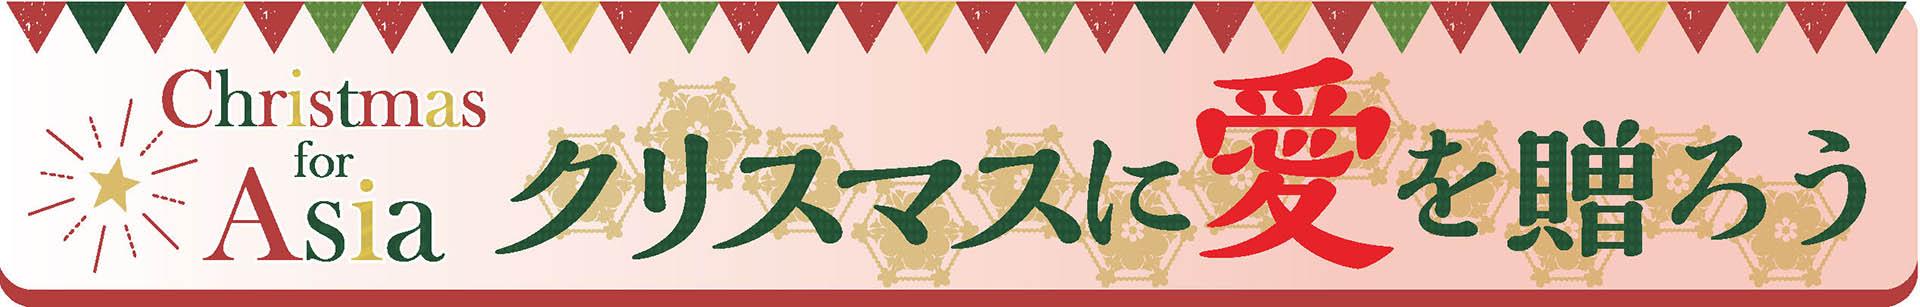 201126_メルマガボタン_クリスマスアピ.jpg